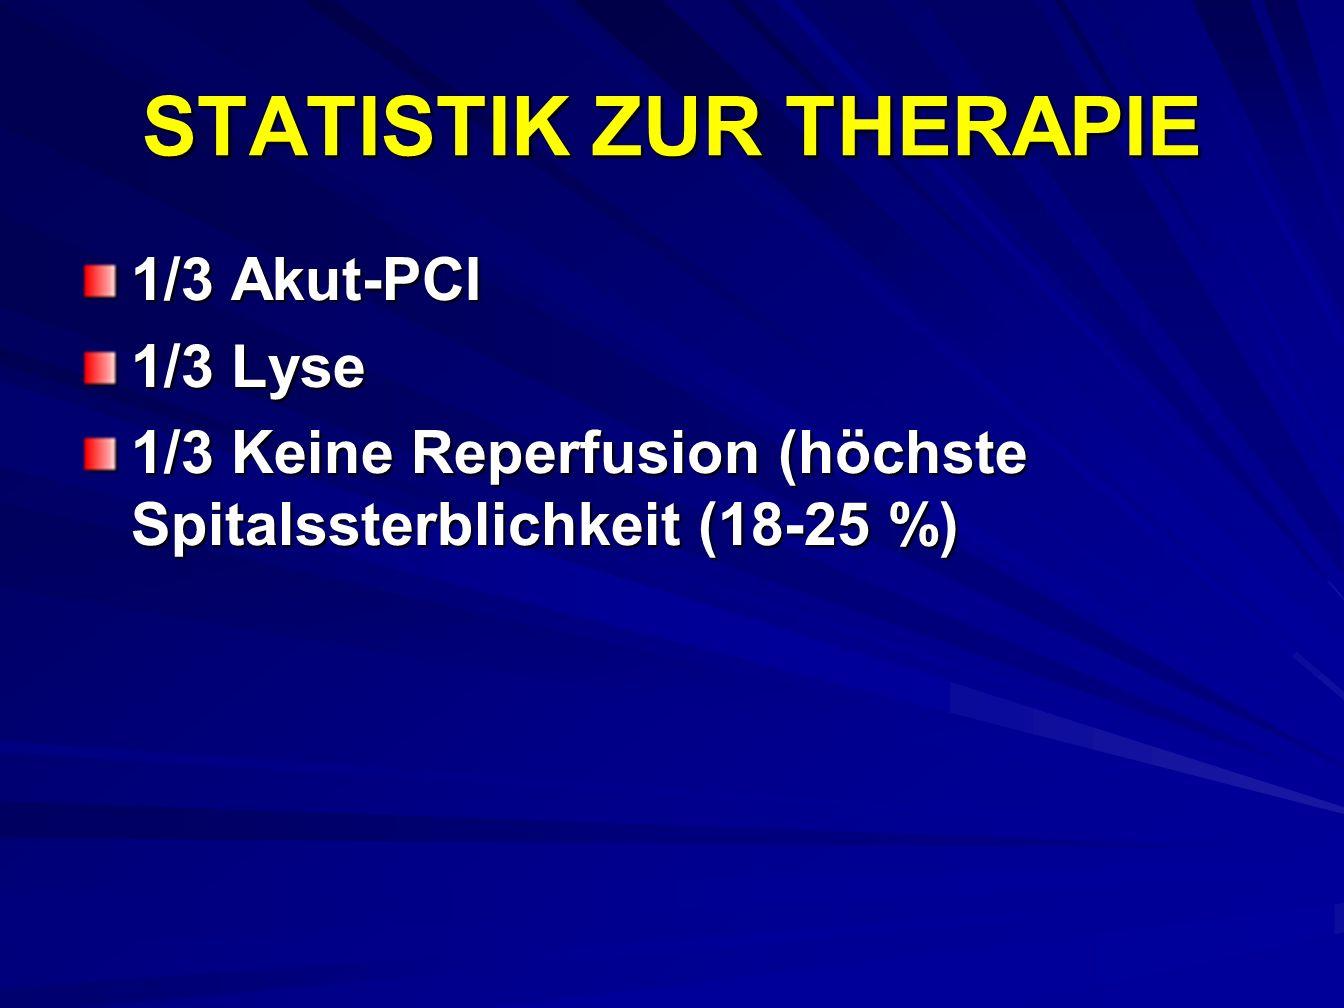 STATISTIK ZUR THERAPIE 1/3 Akut-PCI 1/3 Lyse 1/3 Keine Reperfusion (höchste Spitalssterblichkeit (18-25 %)